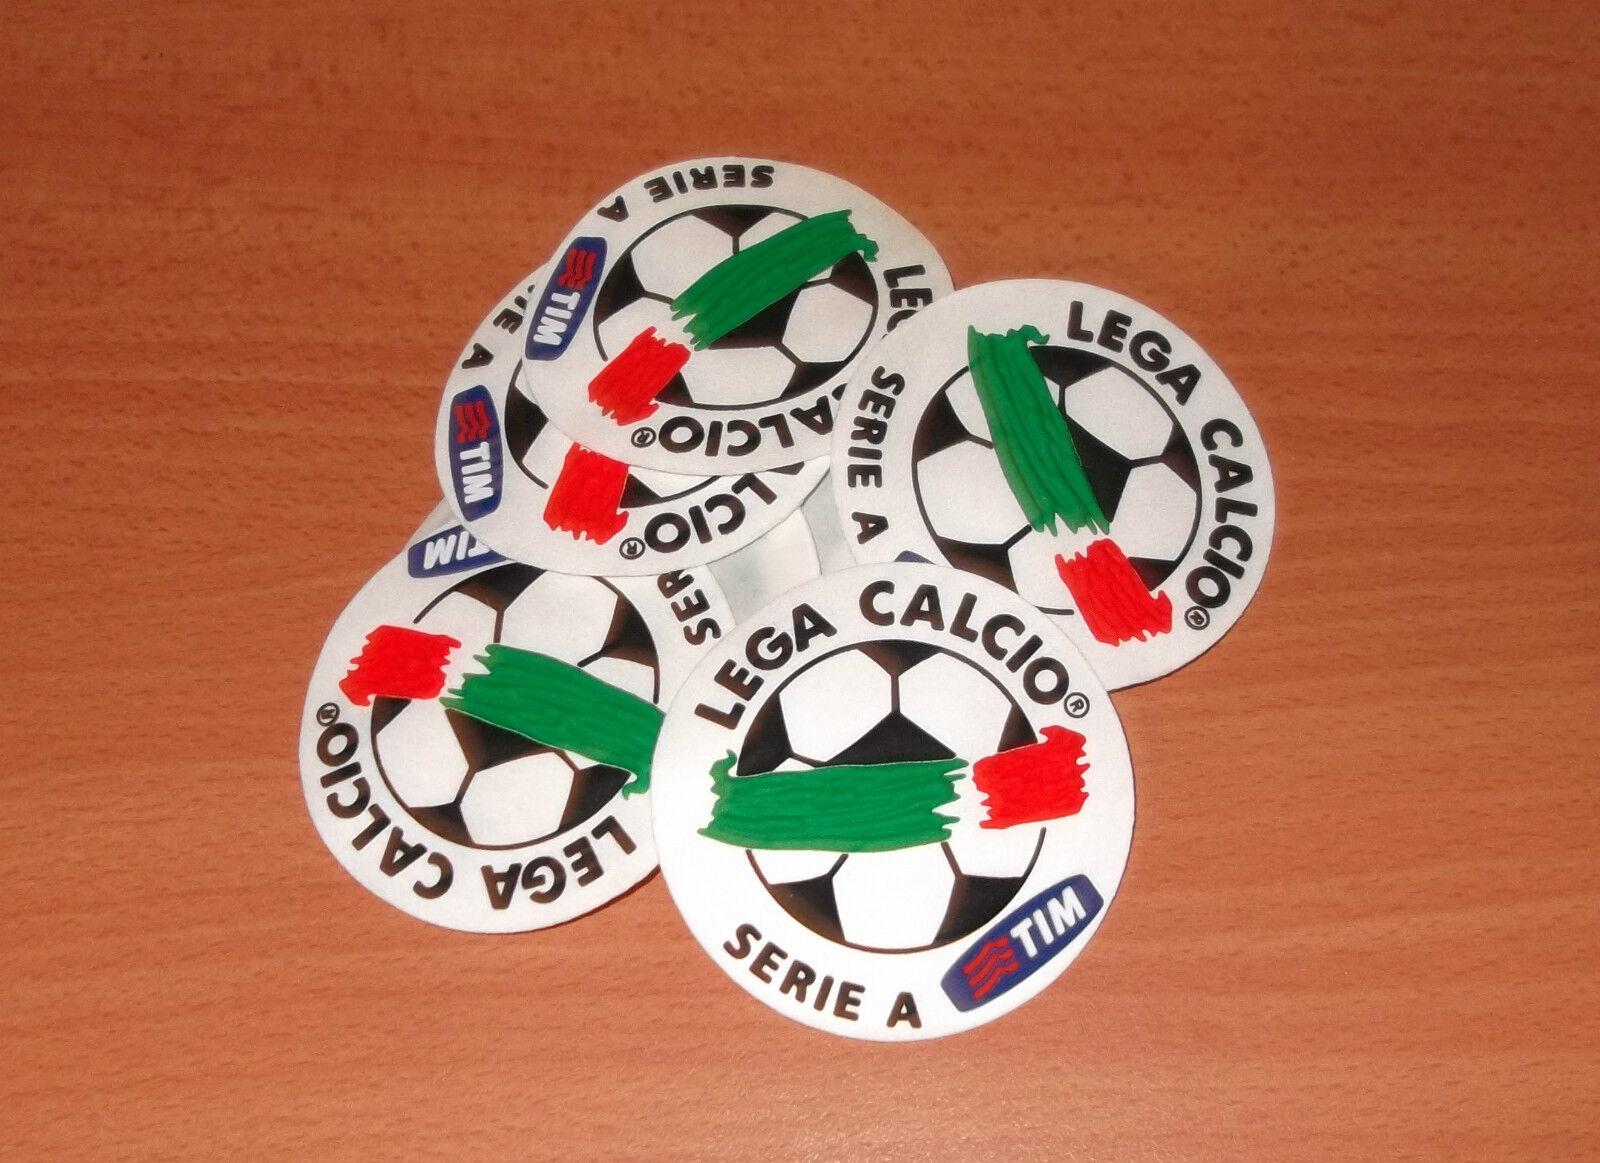 10 TOPPA PATCH PATCH'S LEGA CALCIO ORIGINALE NO LEXTRA 080910 SERIE A